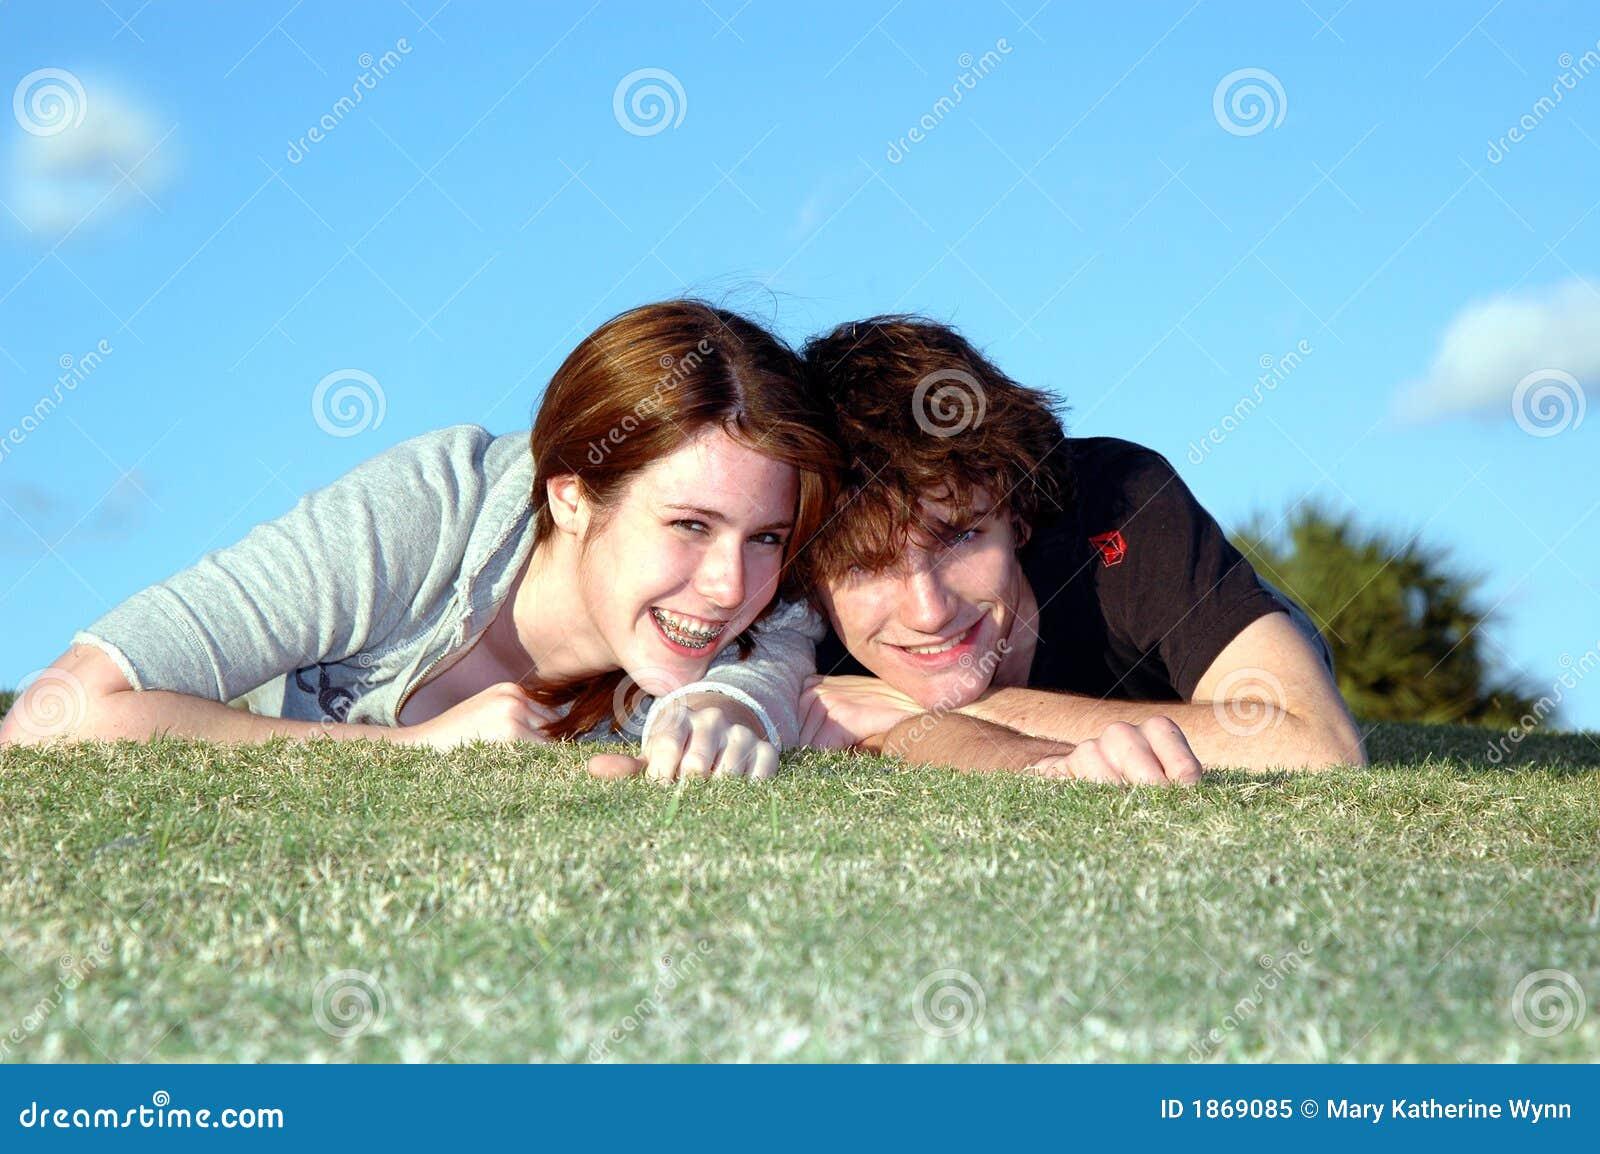 Szczęśliwy pary nastolatków.